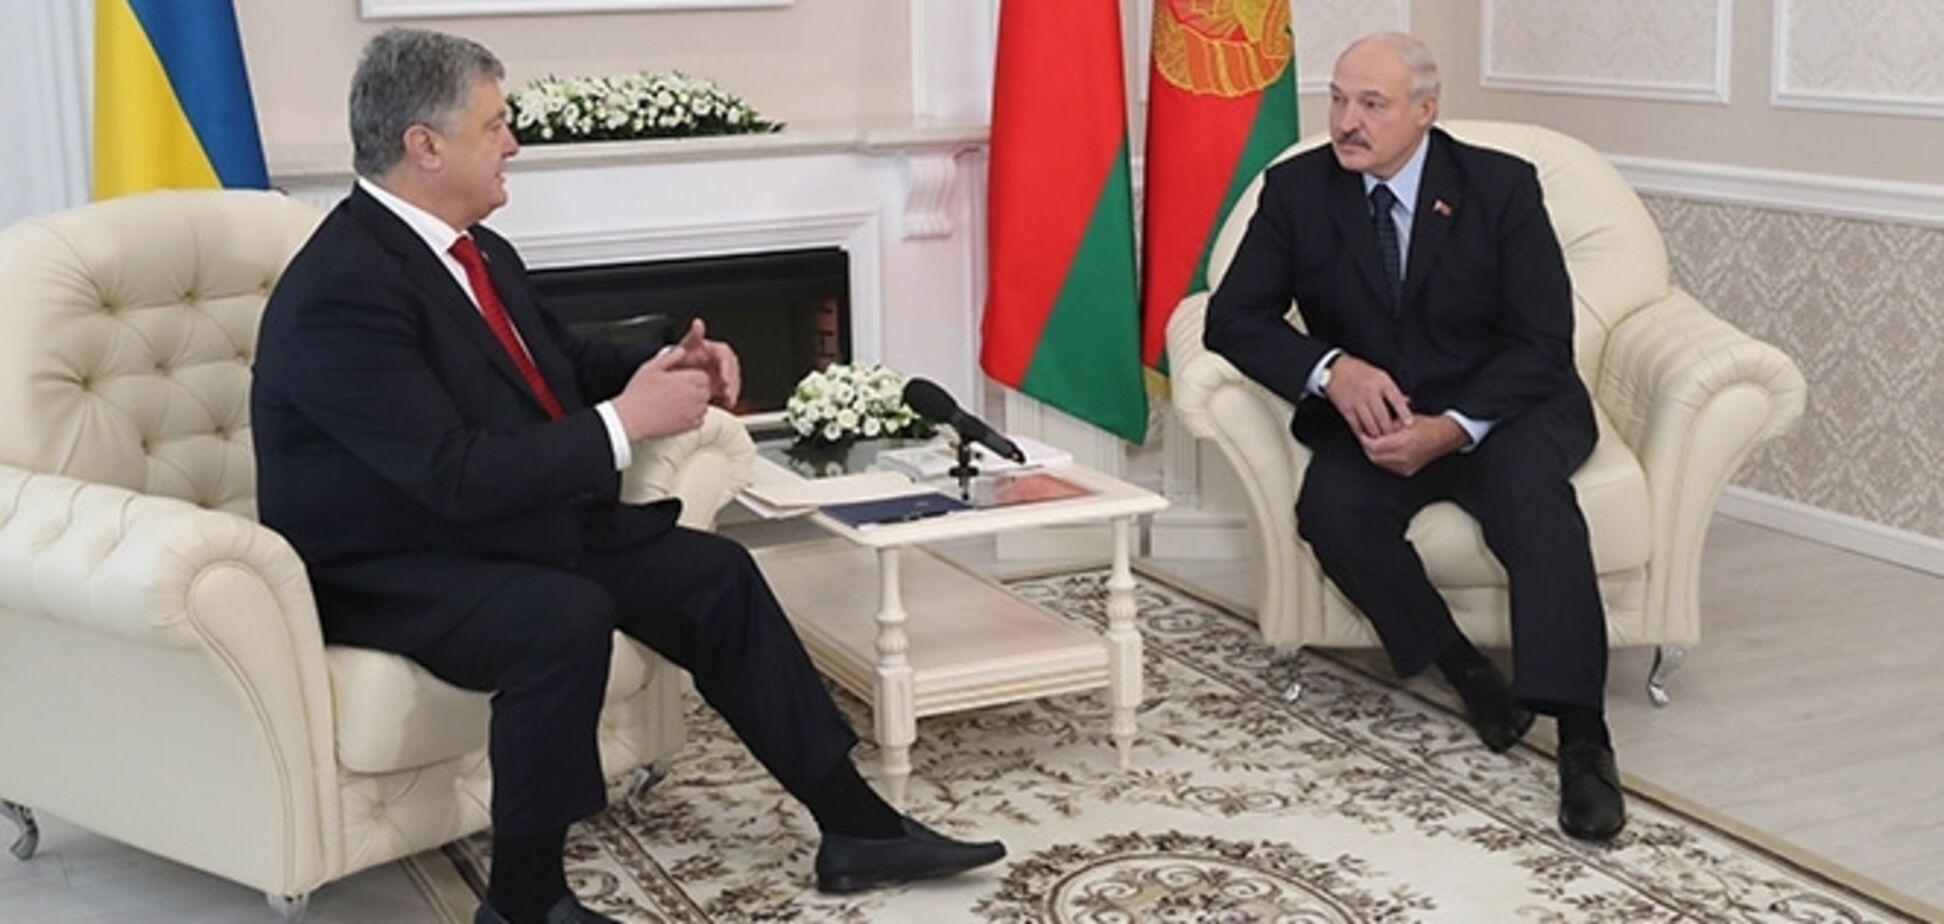 В Беларуси Порошенко ''официально'' назвали президентом России